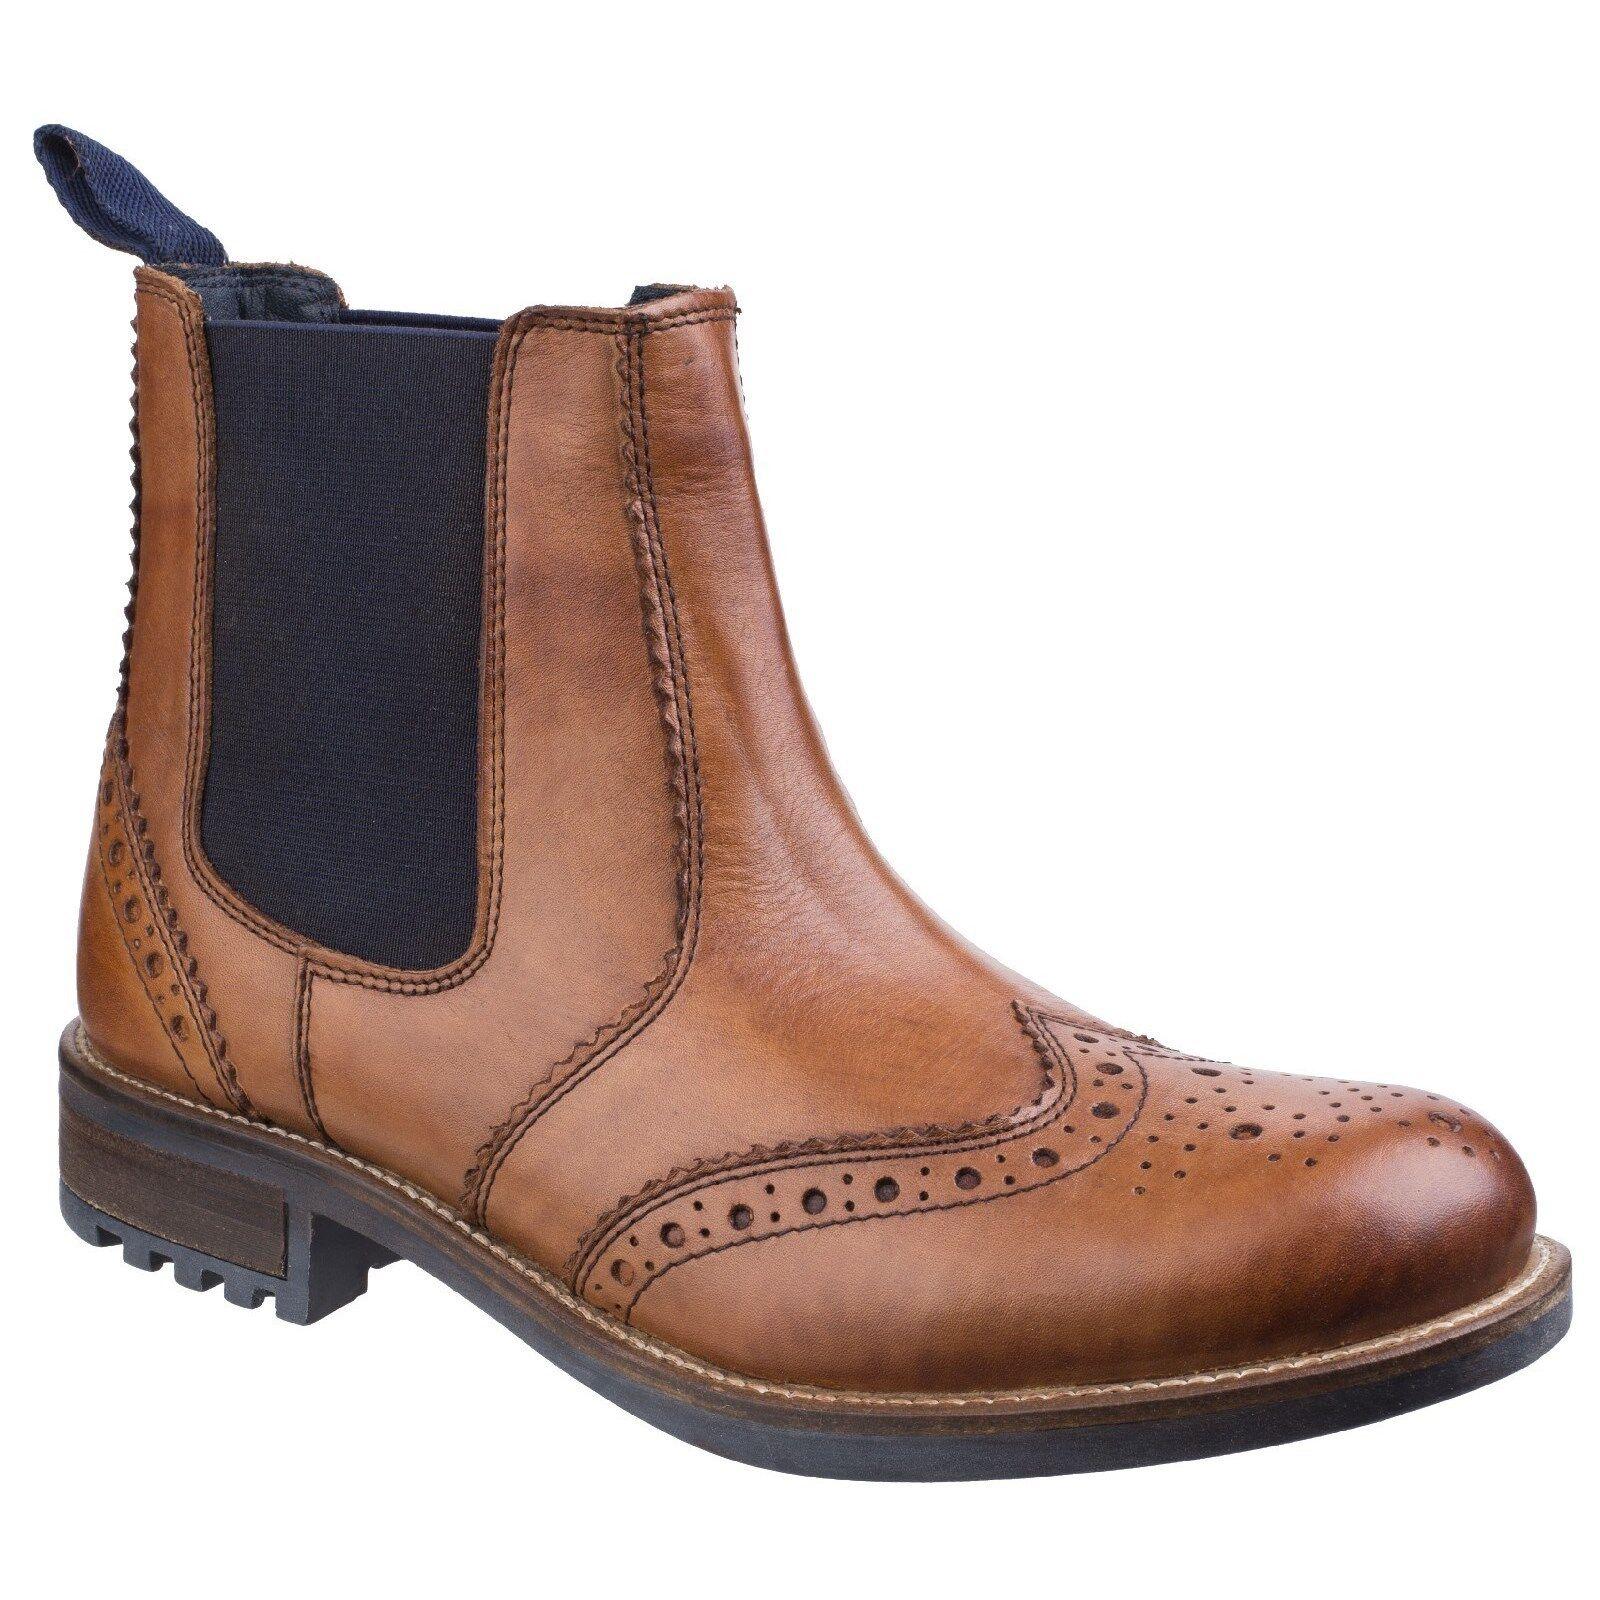 Cotswold CIRENCESTER CIRENCESTER CIRENCESTER Zapato Oxford Chelsea Cuero Hombre Punta de ala 694ab8